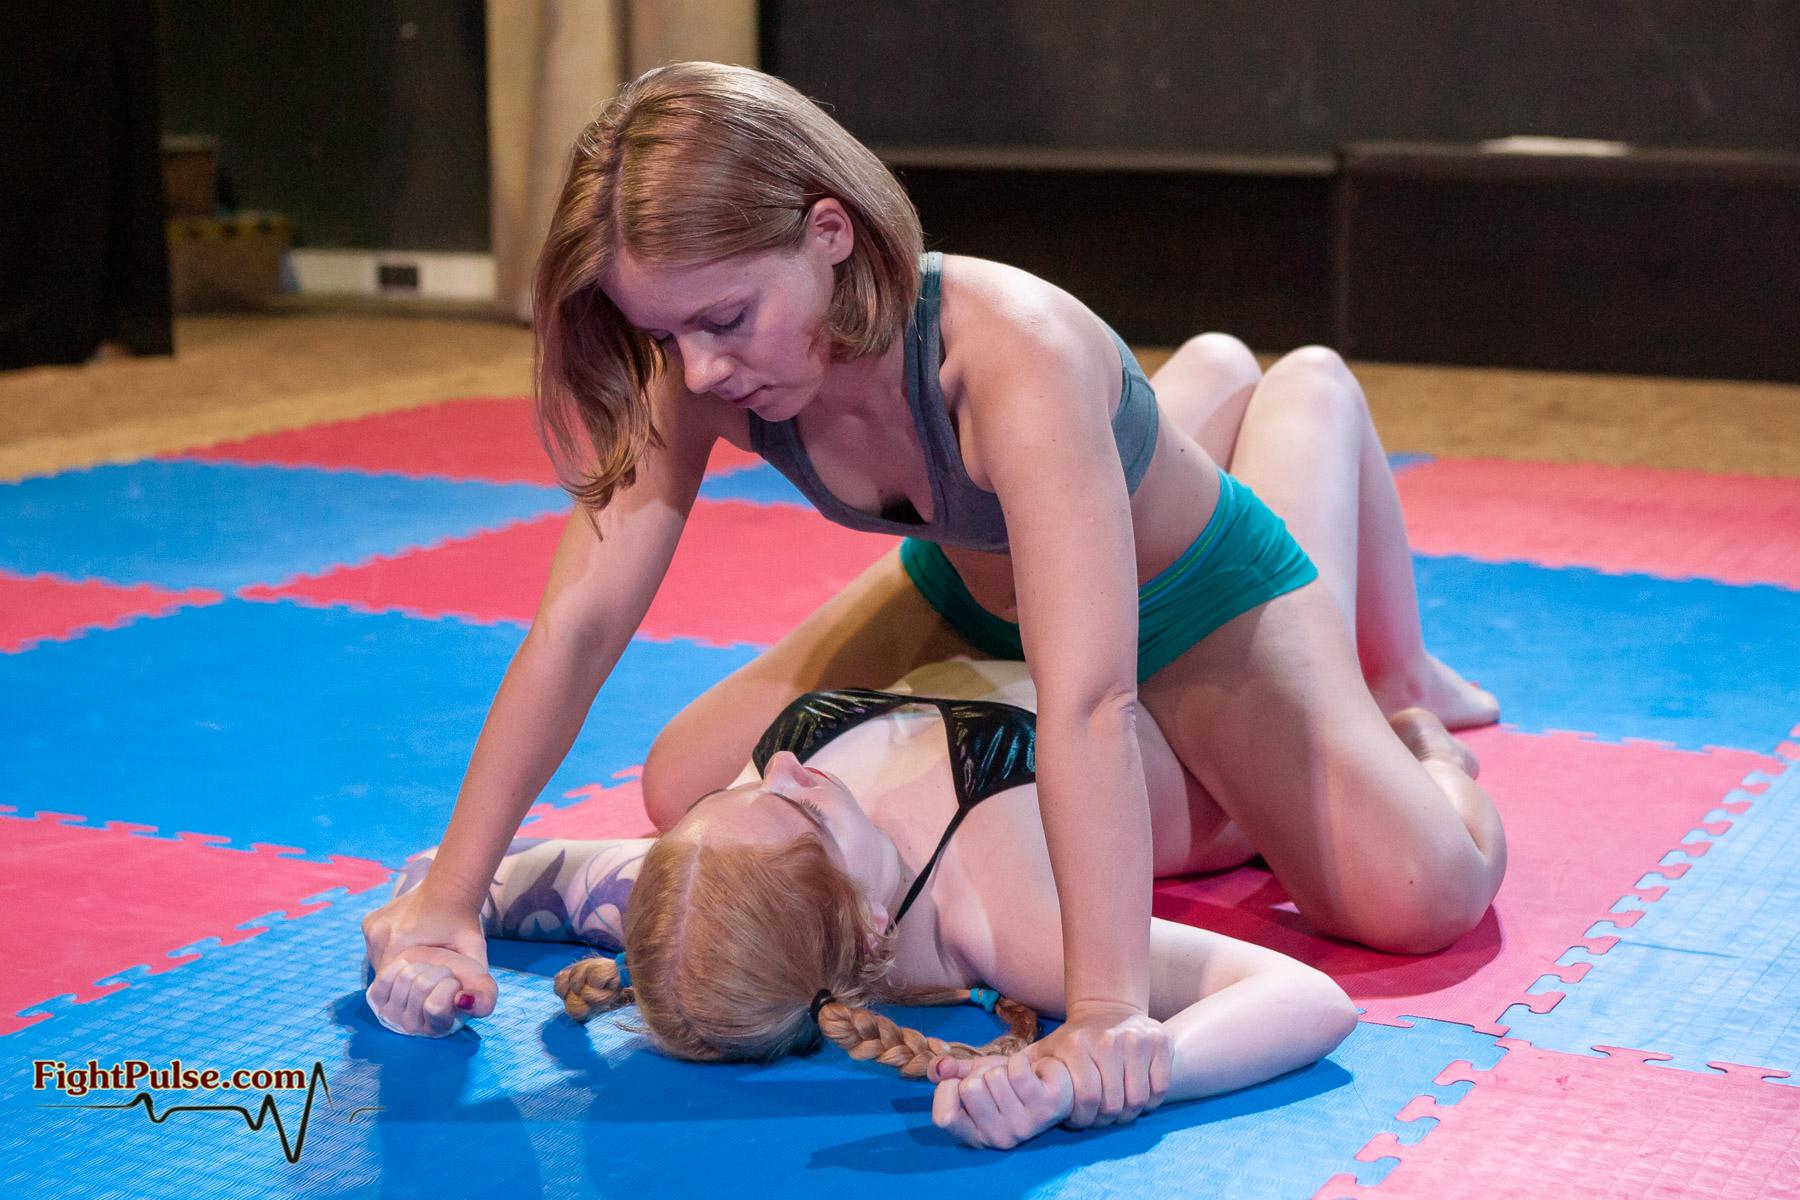 naked-schoolgirl-wrestling